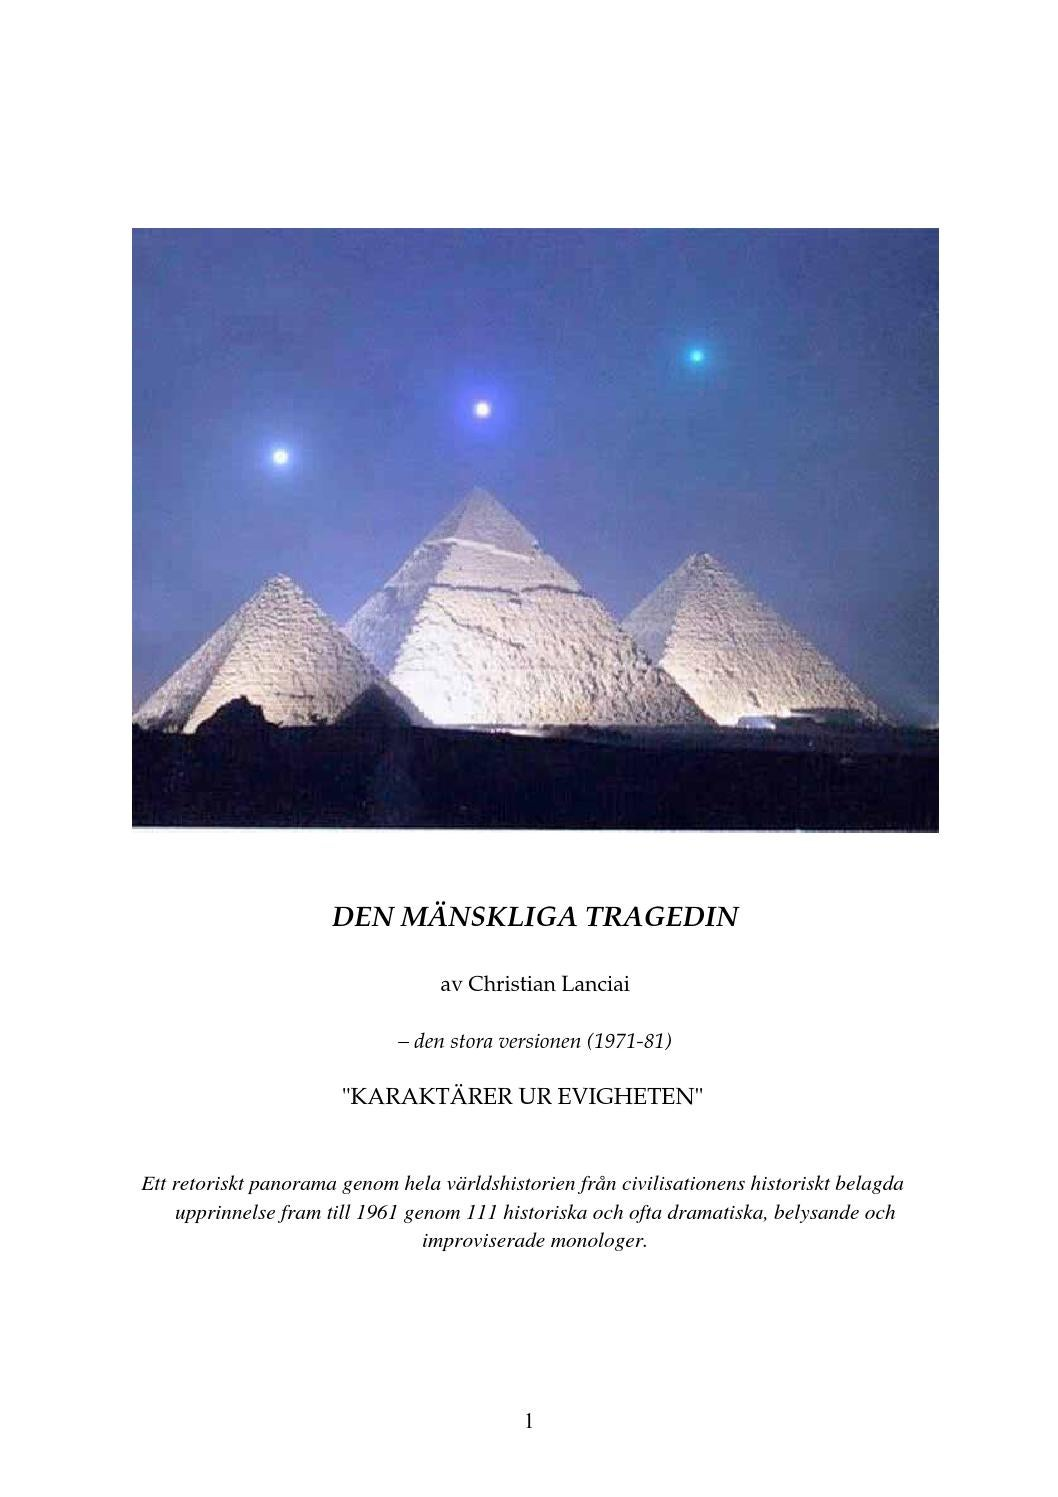 Den mänskliga tragedin (stora versionen) by Christian Lanciai - issuu 7539d9023b448